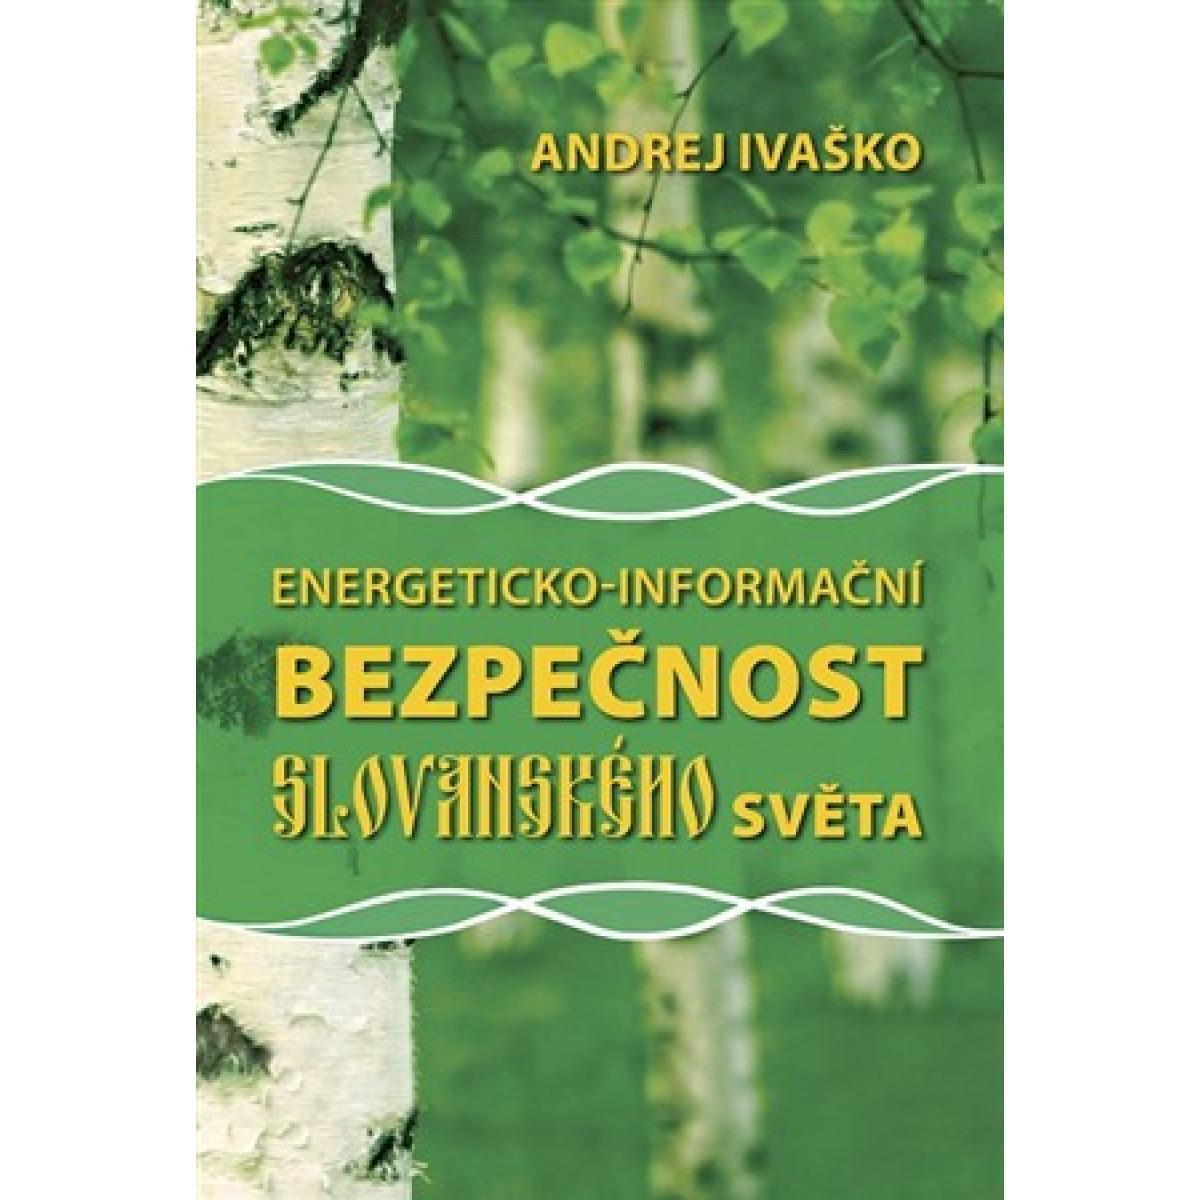 Energeticko-informační bezpečnosť slovanského světa - Ivaško Andrej